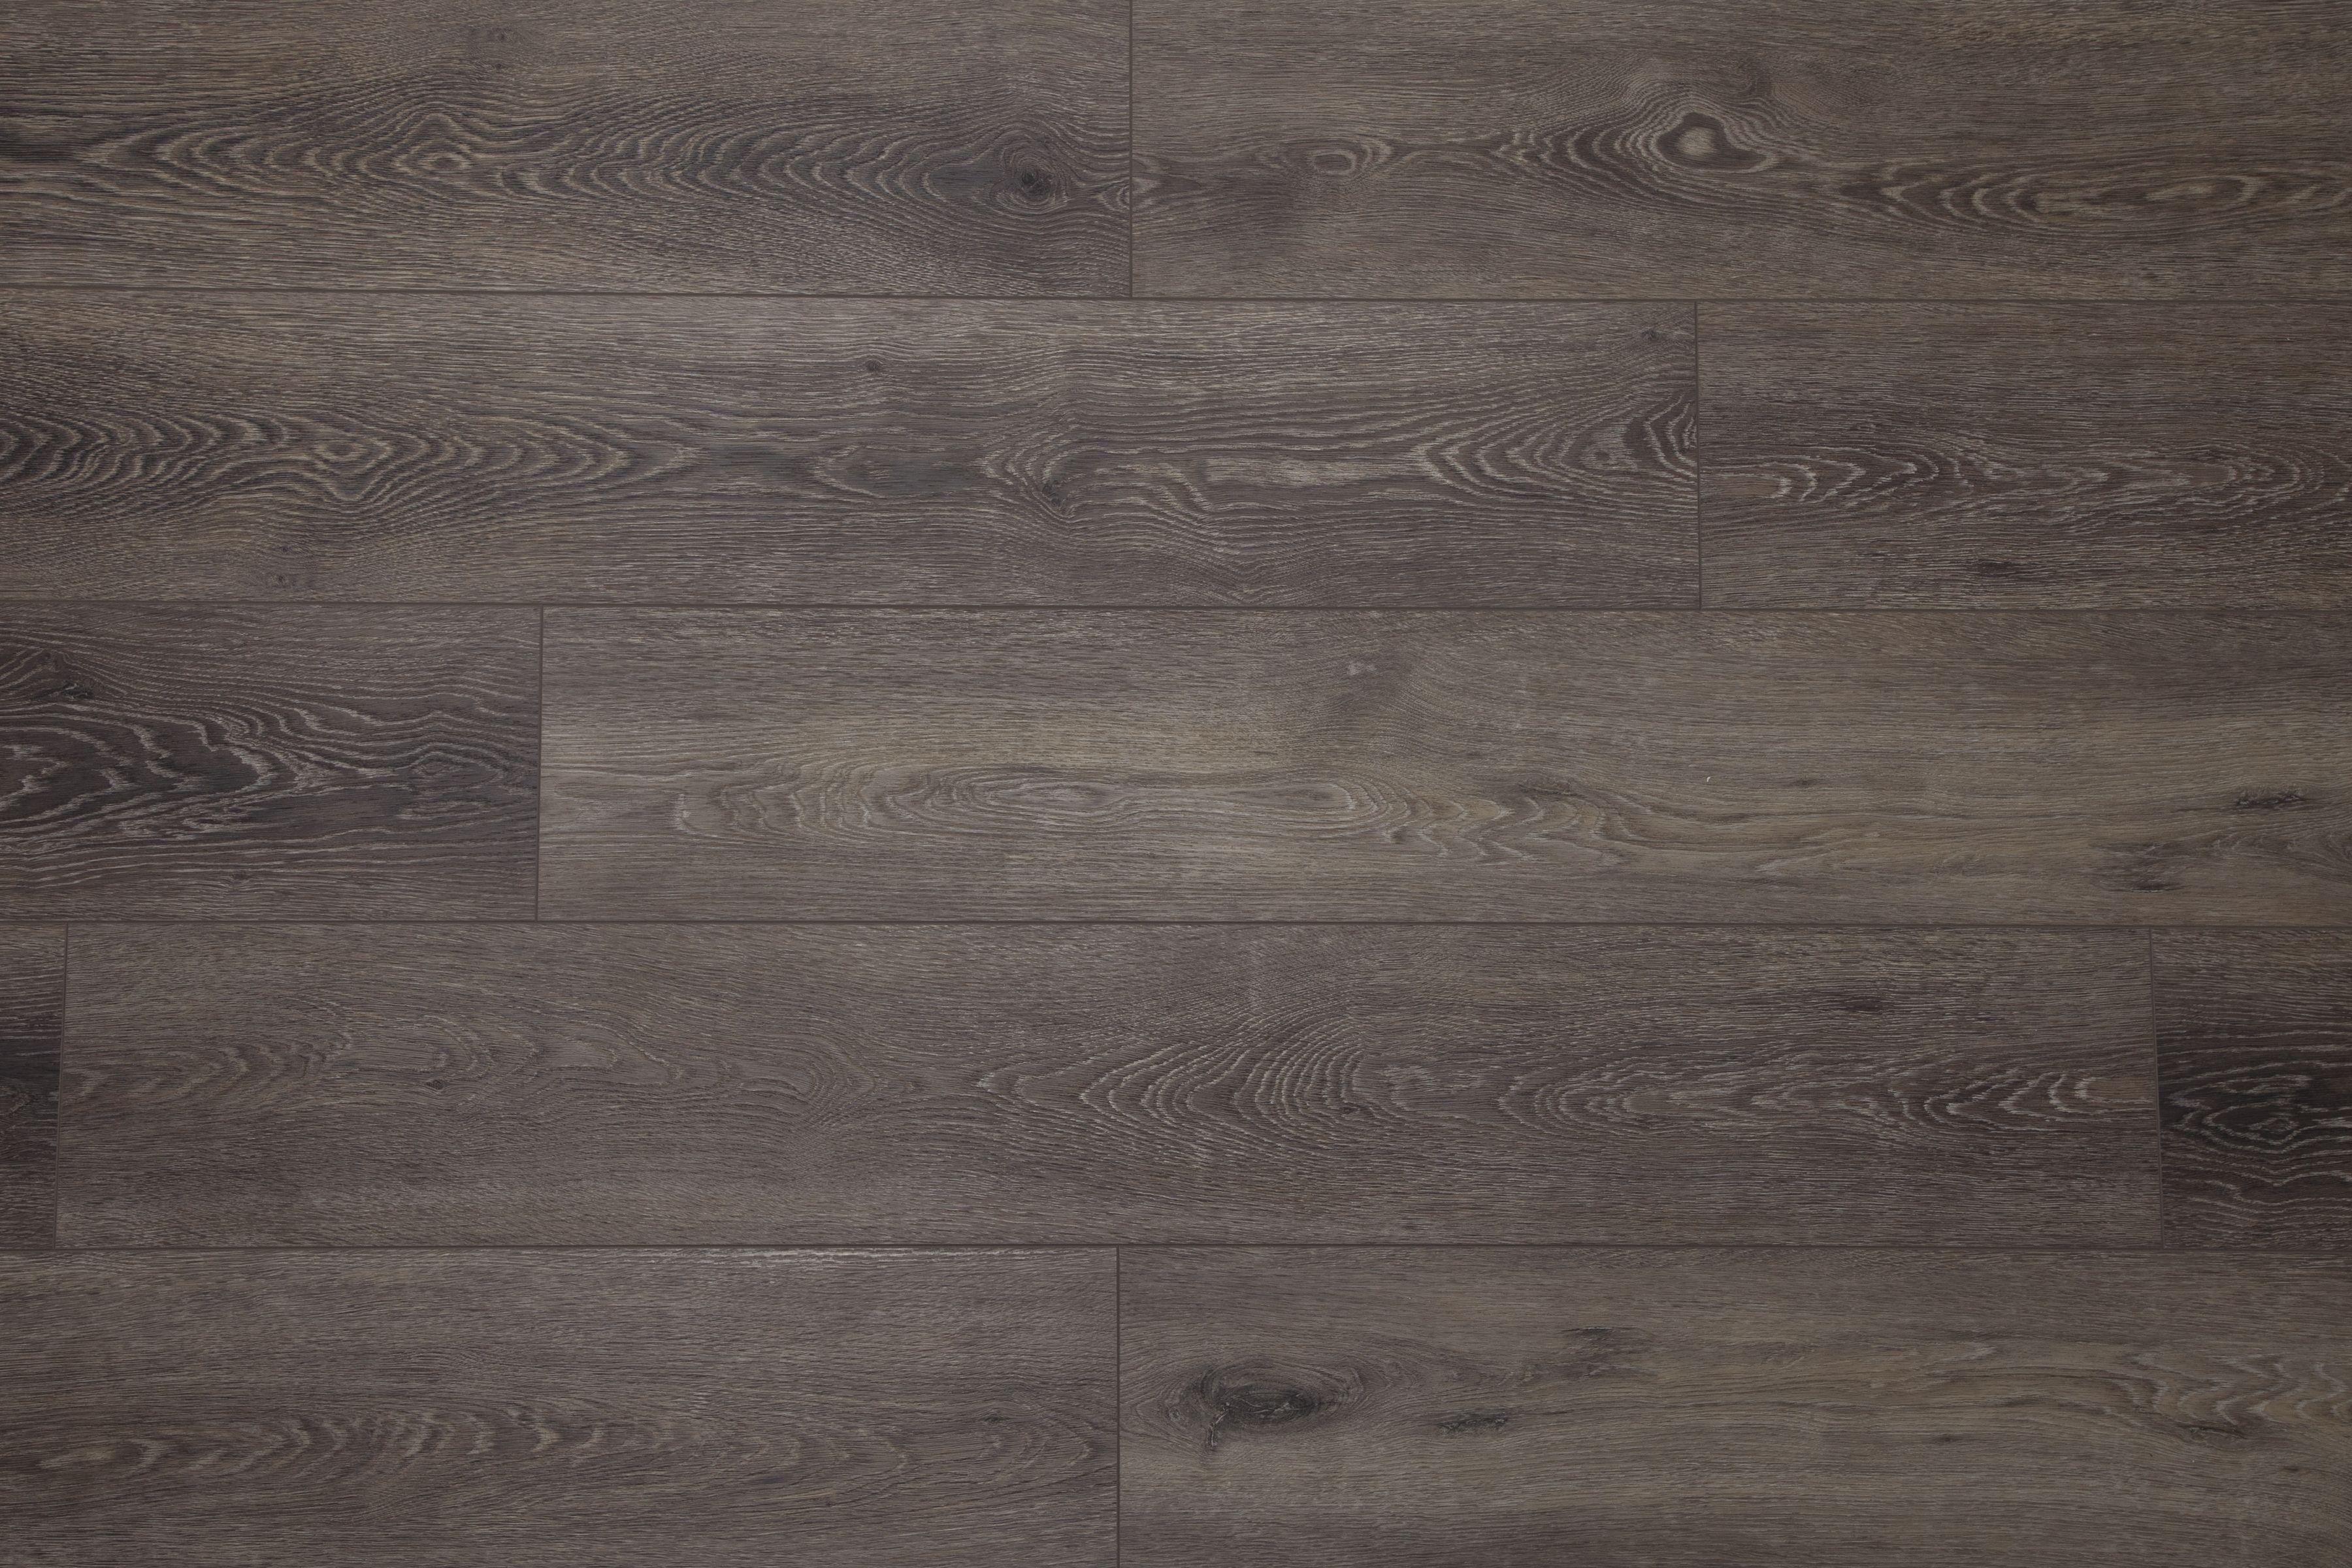 Eternity Floors Usa 100 Waterproof In 2020 Room Visualizer Flooring Nordic